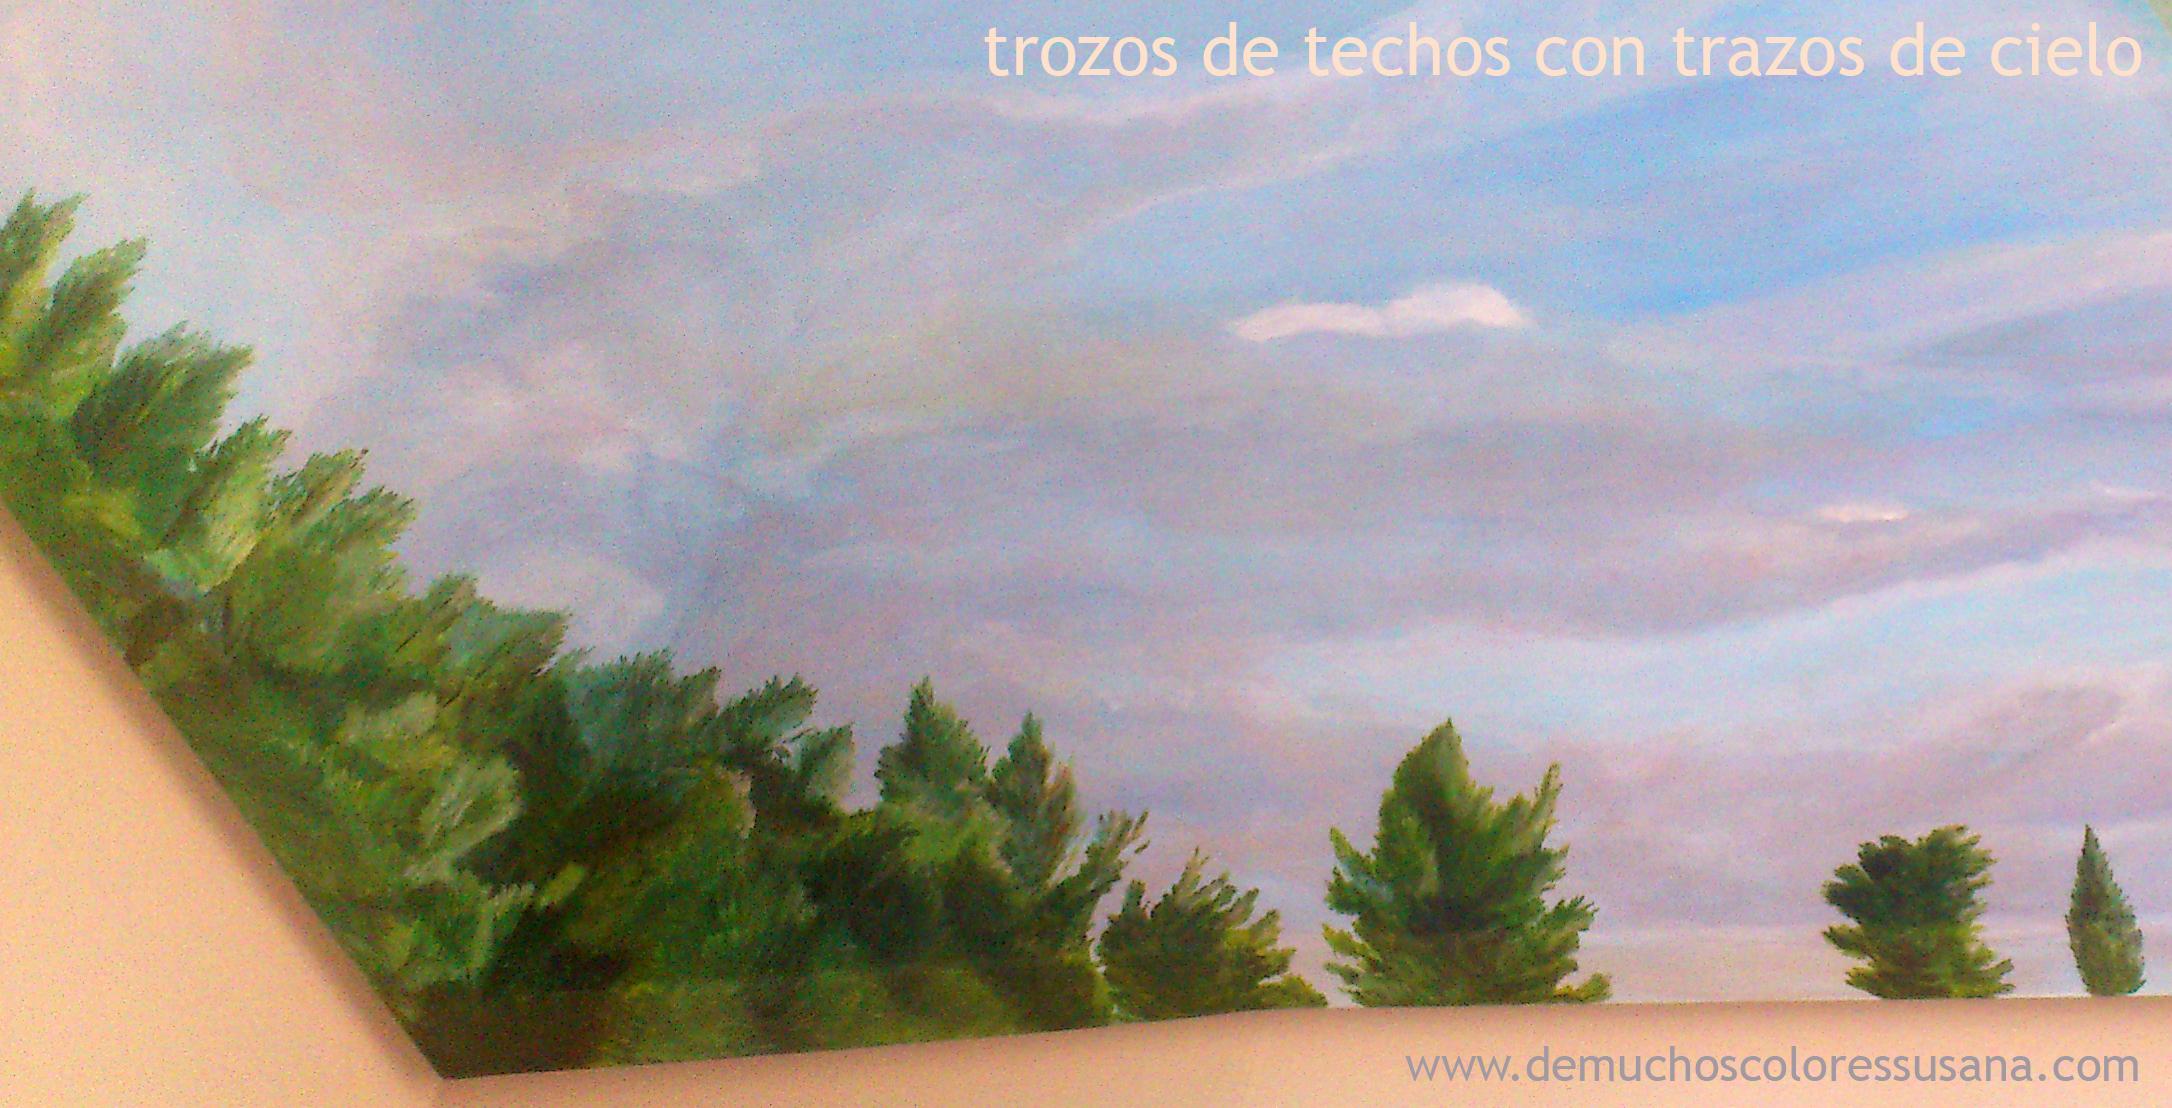 árboles en día nublado